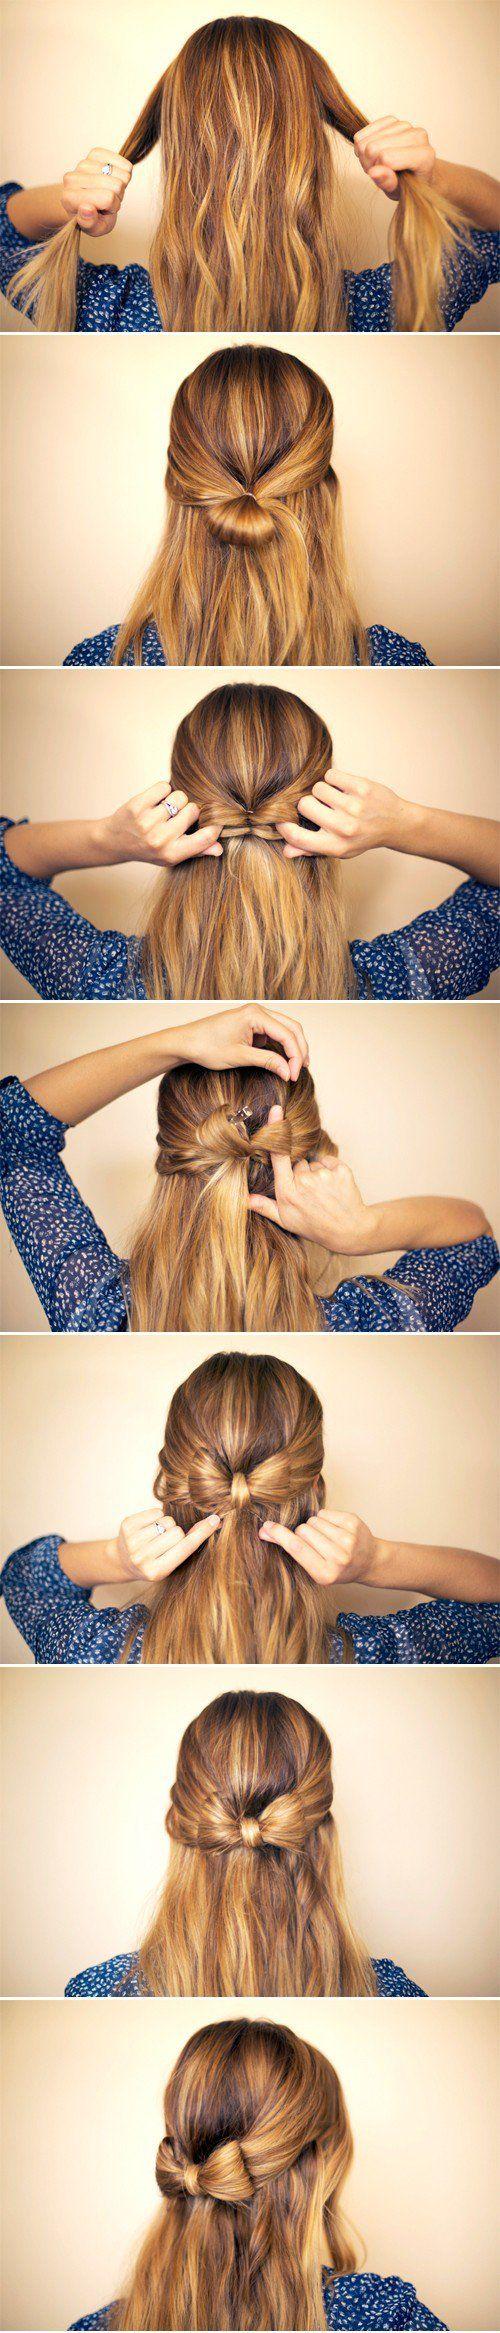 17 Schnelle und einfache Tutorials für DIY-Frisuren